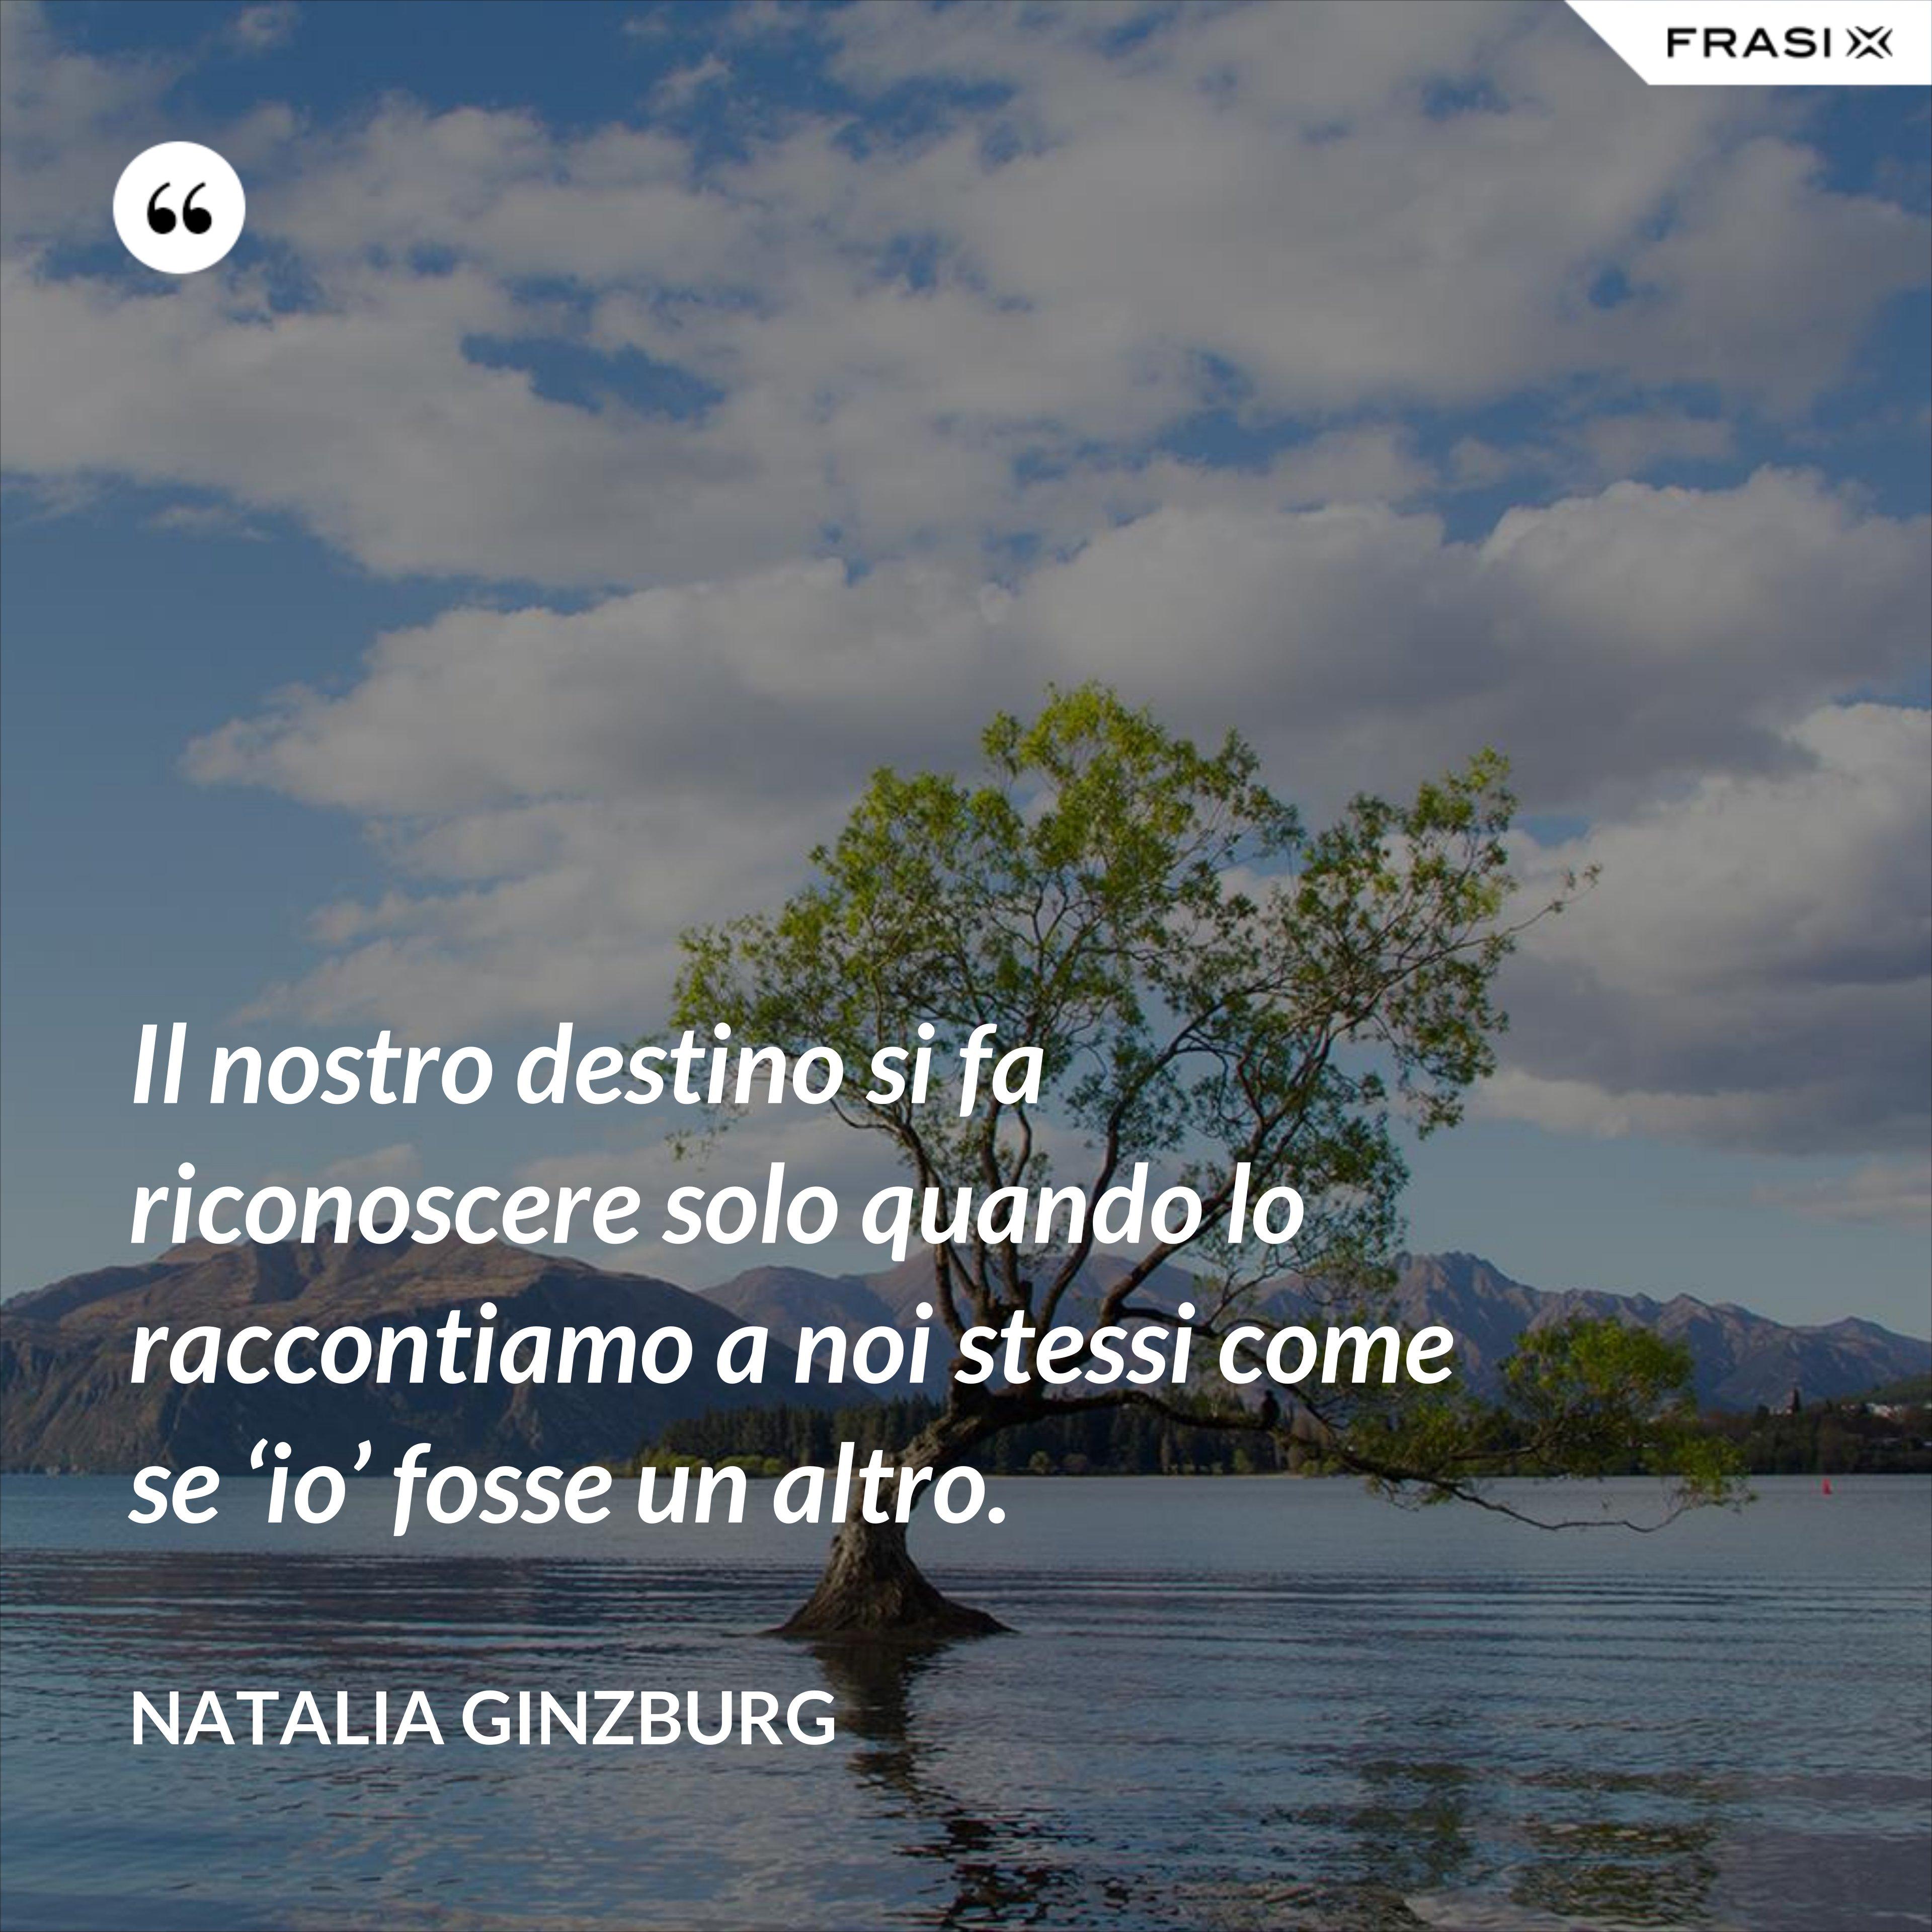 Il nostro destino si fa riconoscere solo quando lo raccontiamo a noi stessi come se 'io' fosse un altro. - Natalia Ginzburg